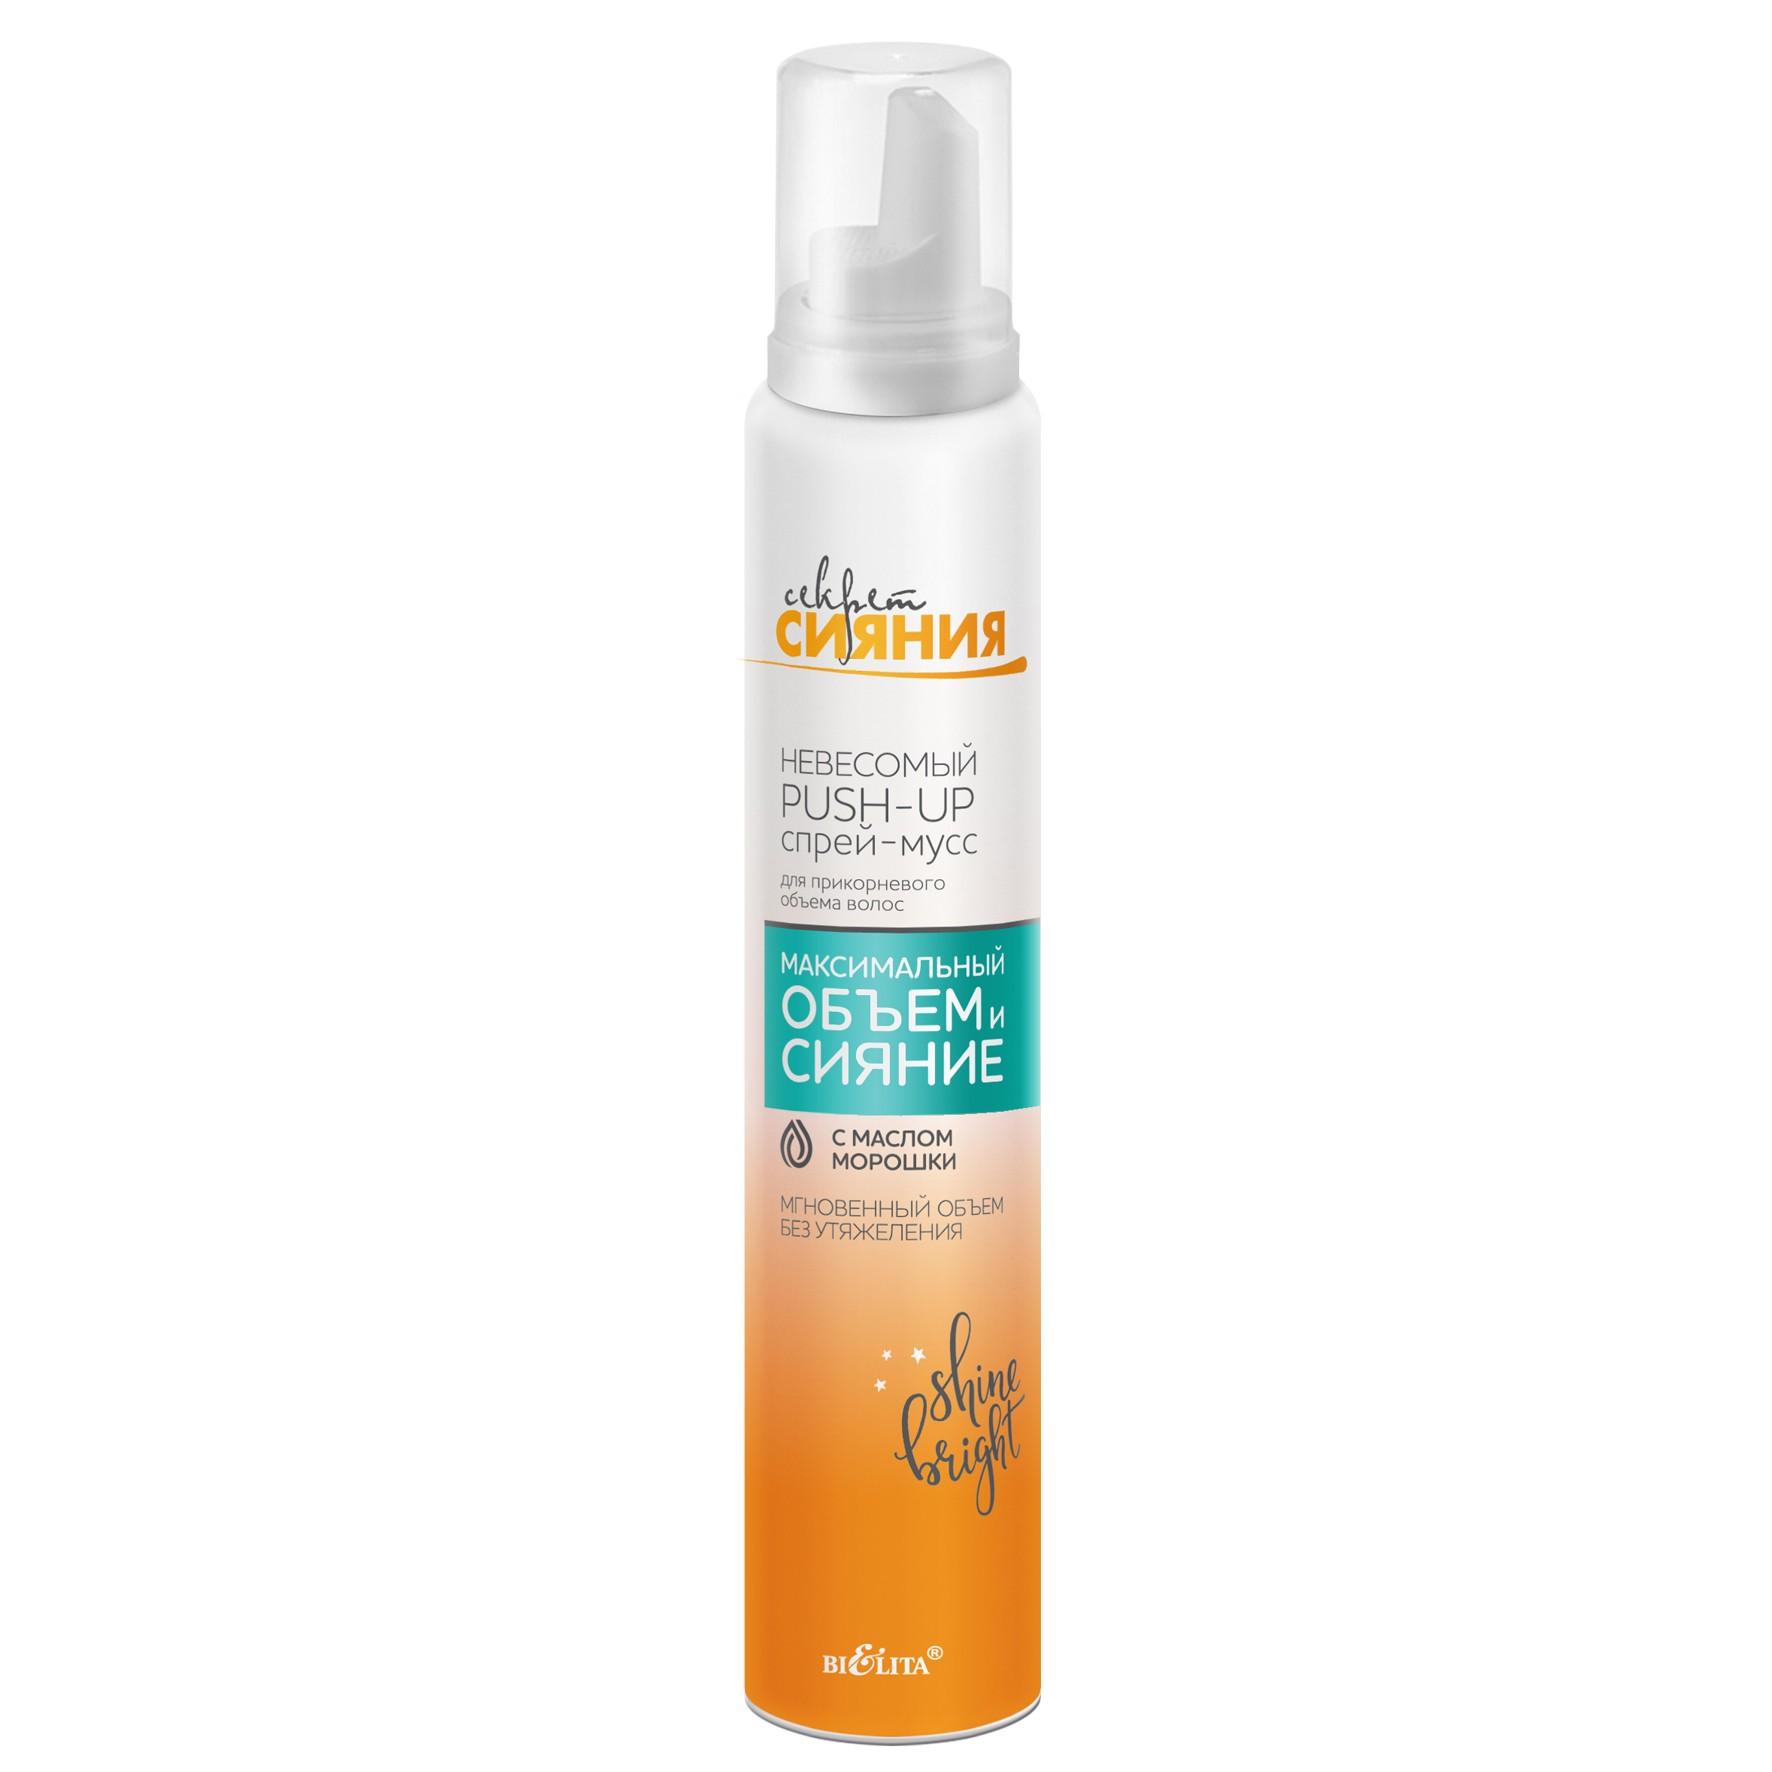 Секрет сияния Невесомый PUSH-UPспрей-мусс Максимальный объем и сияние с маслом морошки для прикорневого объёма волос, 200мл